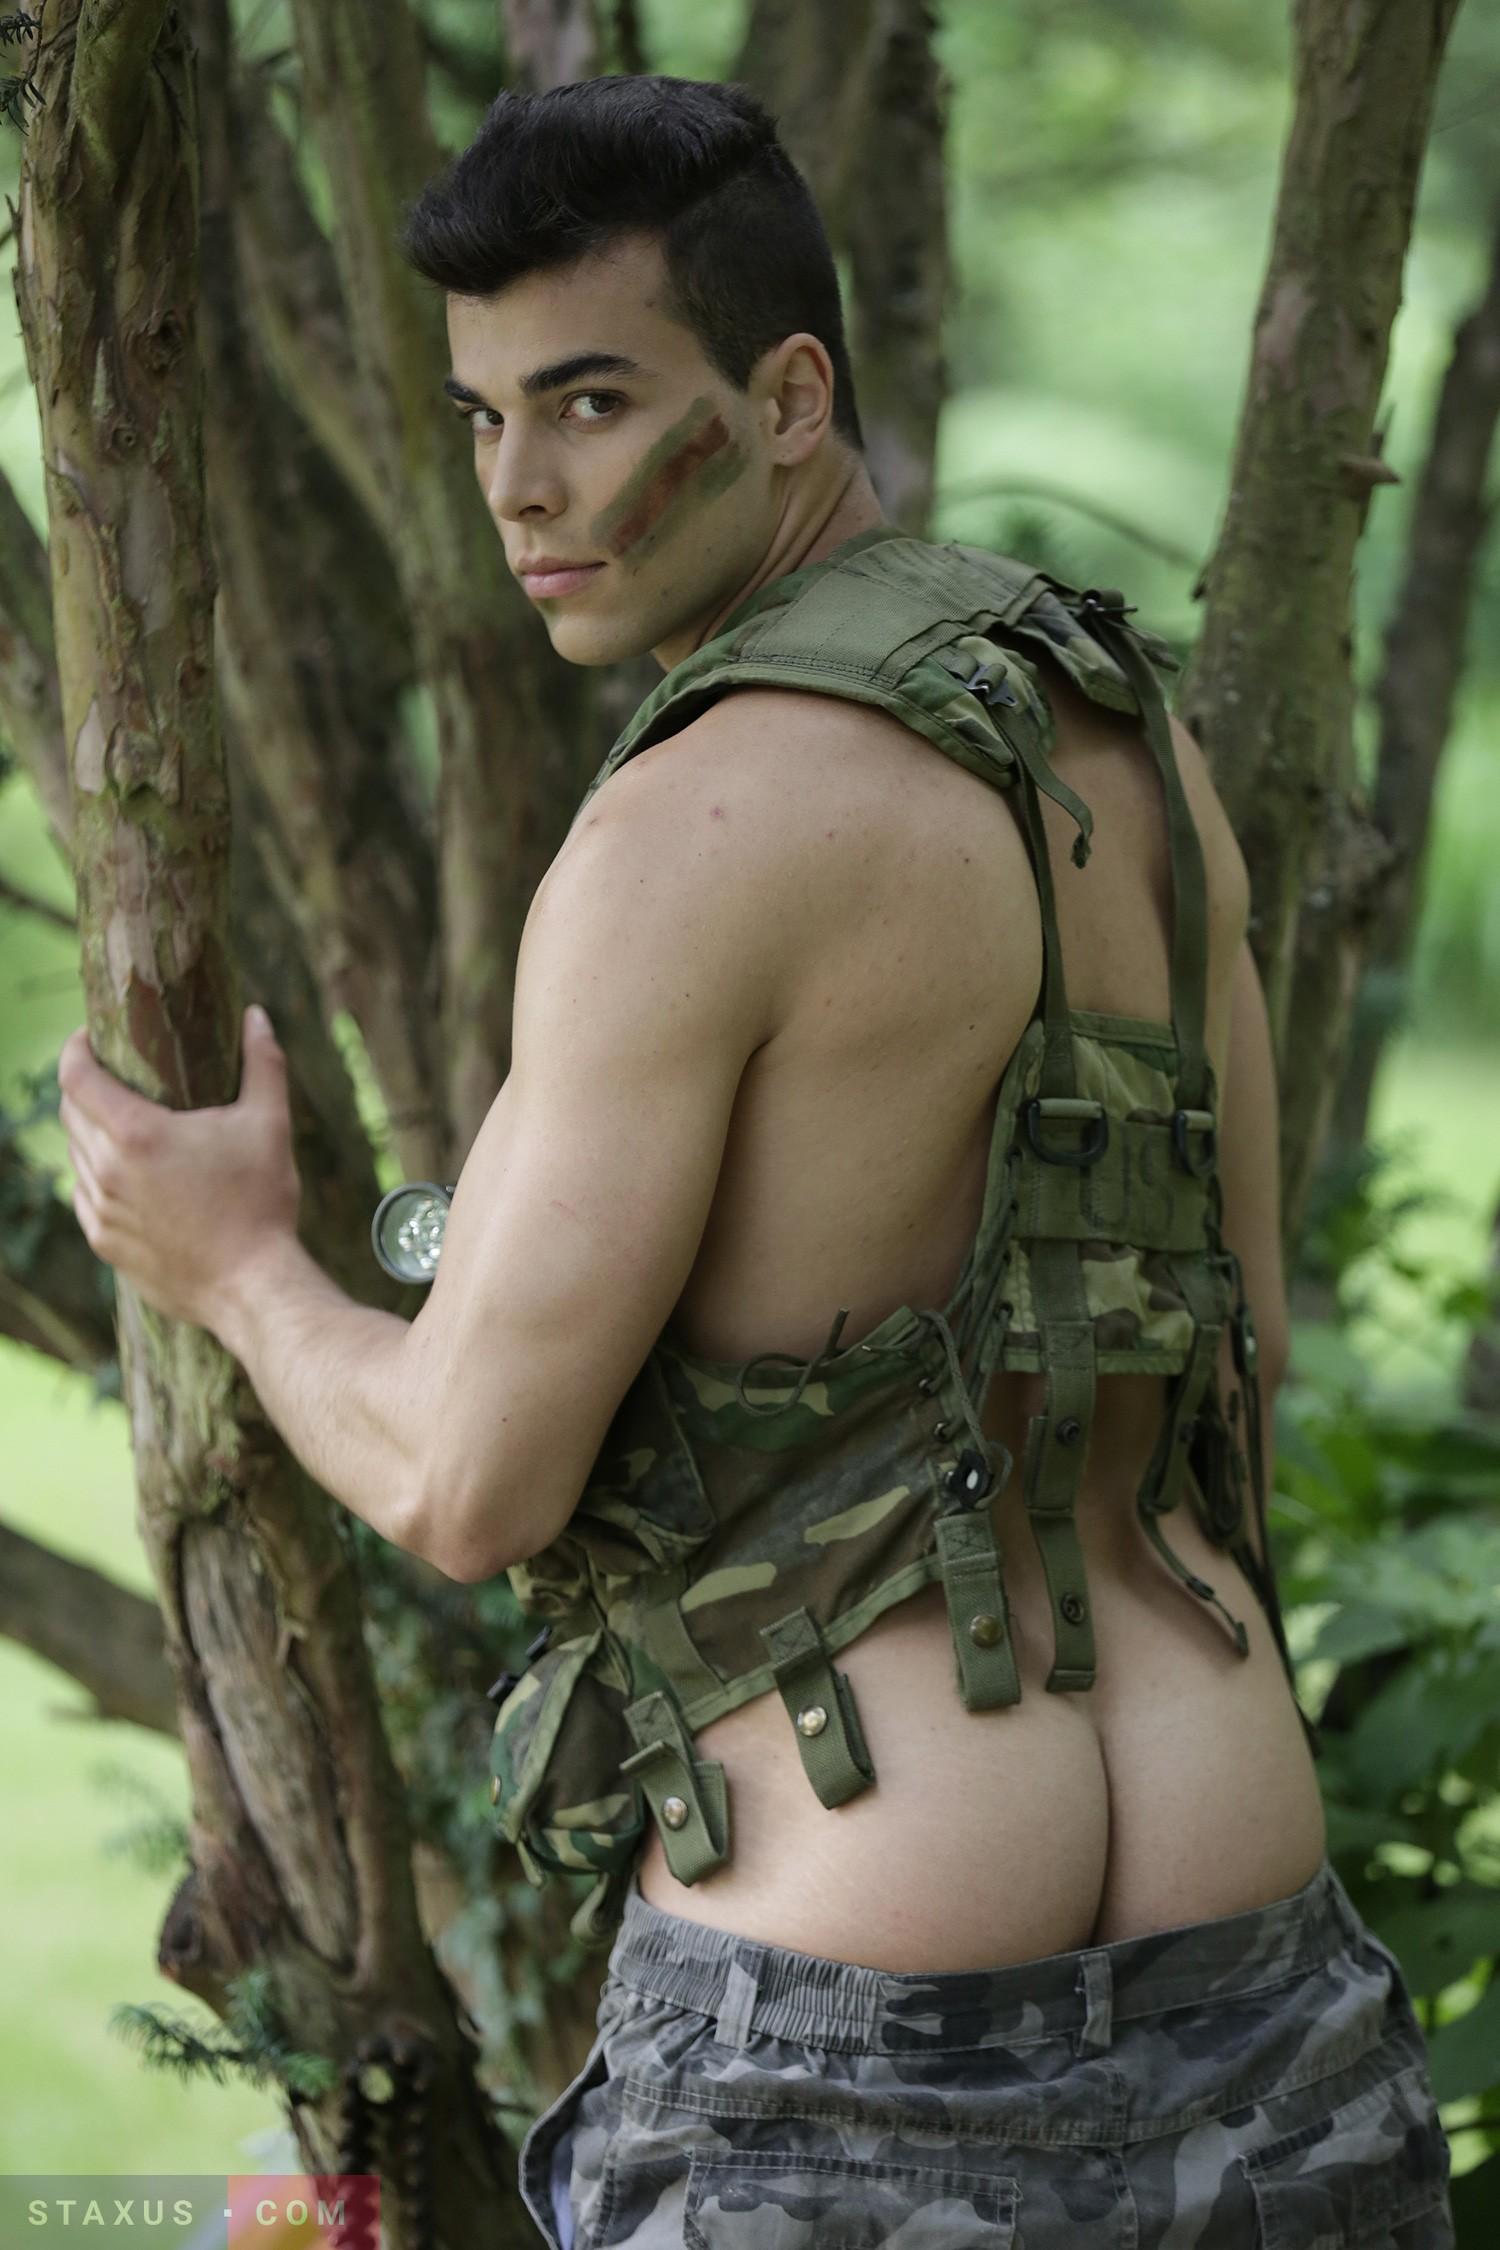 Обнаженный Солдат Смотреть Онлайн